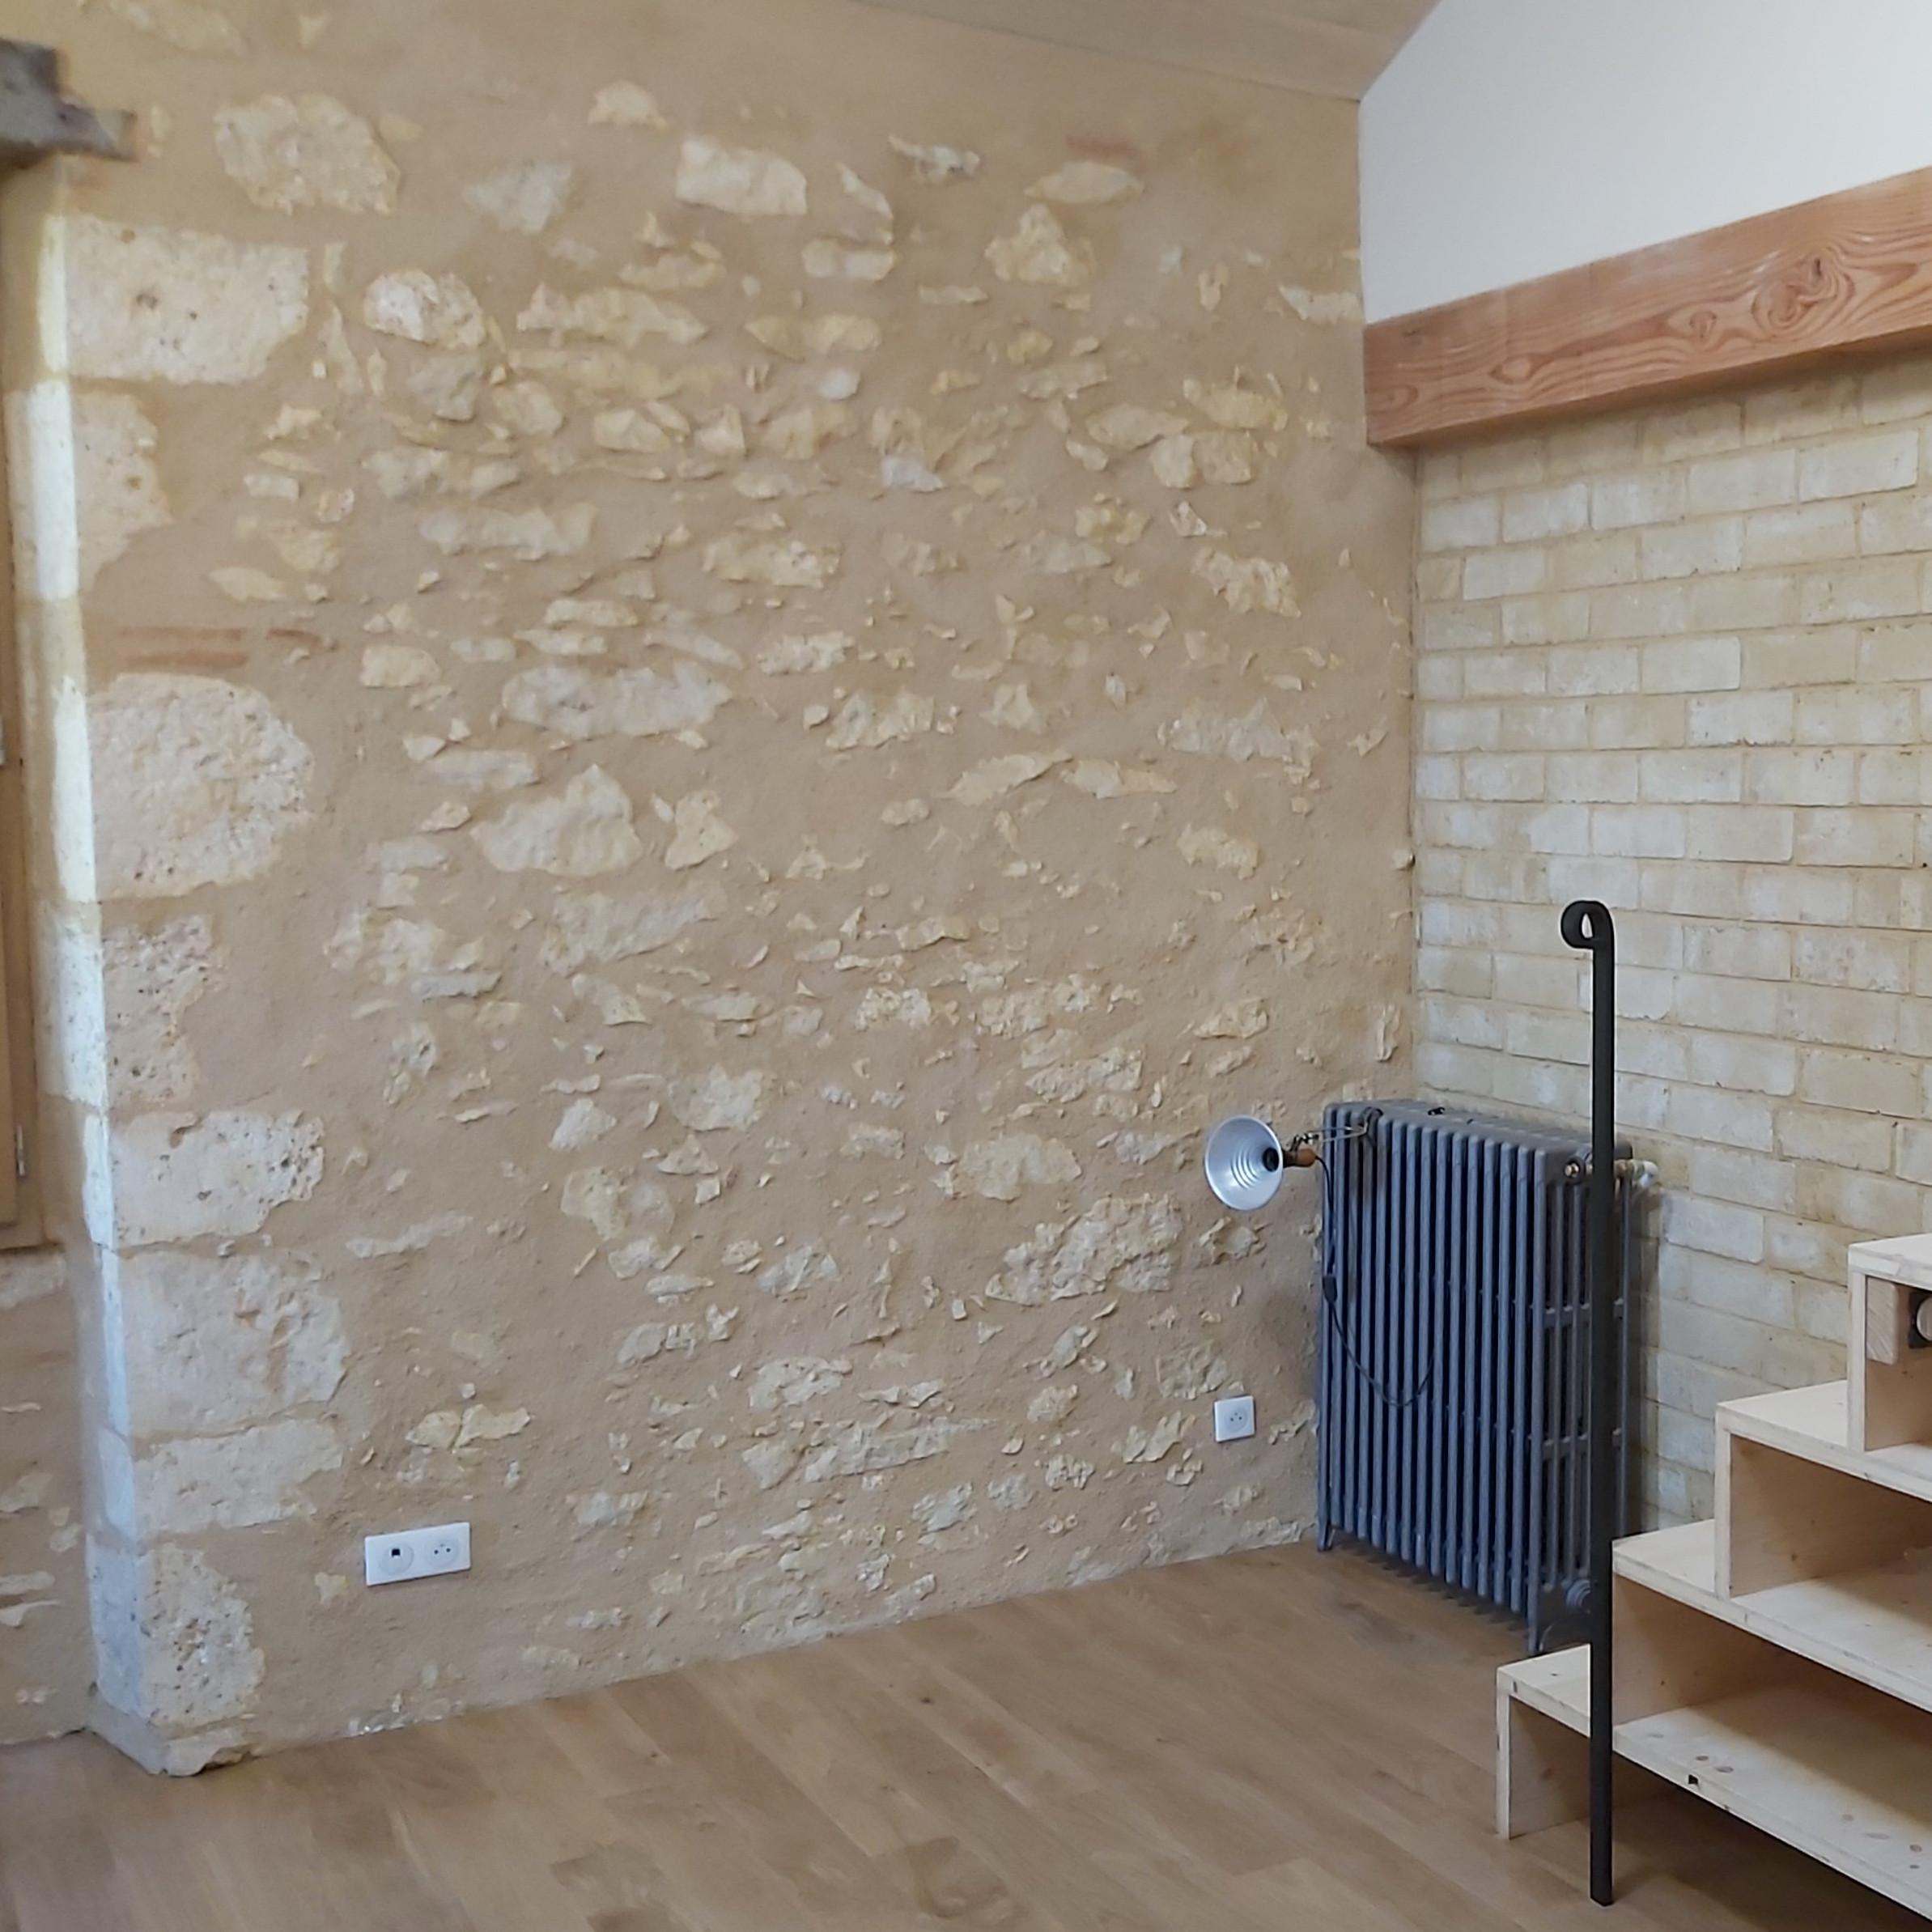 Écoconstruction Ger -Restauration du bâti ancien gers - enduits intérieurs terre et chaux - enduits extérieus - maçonnerie traditionnelle Gers - ArcillaRossello